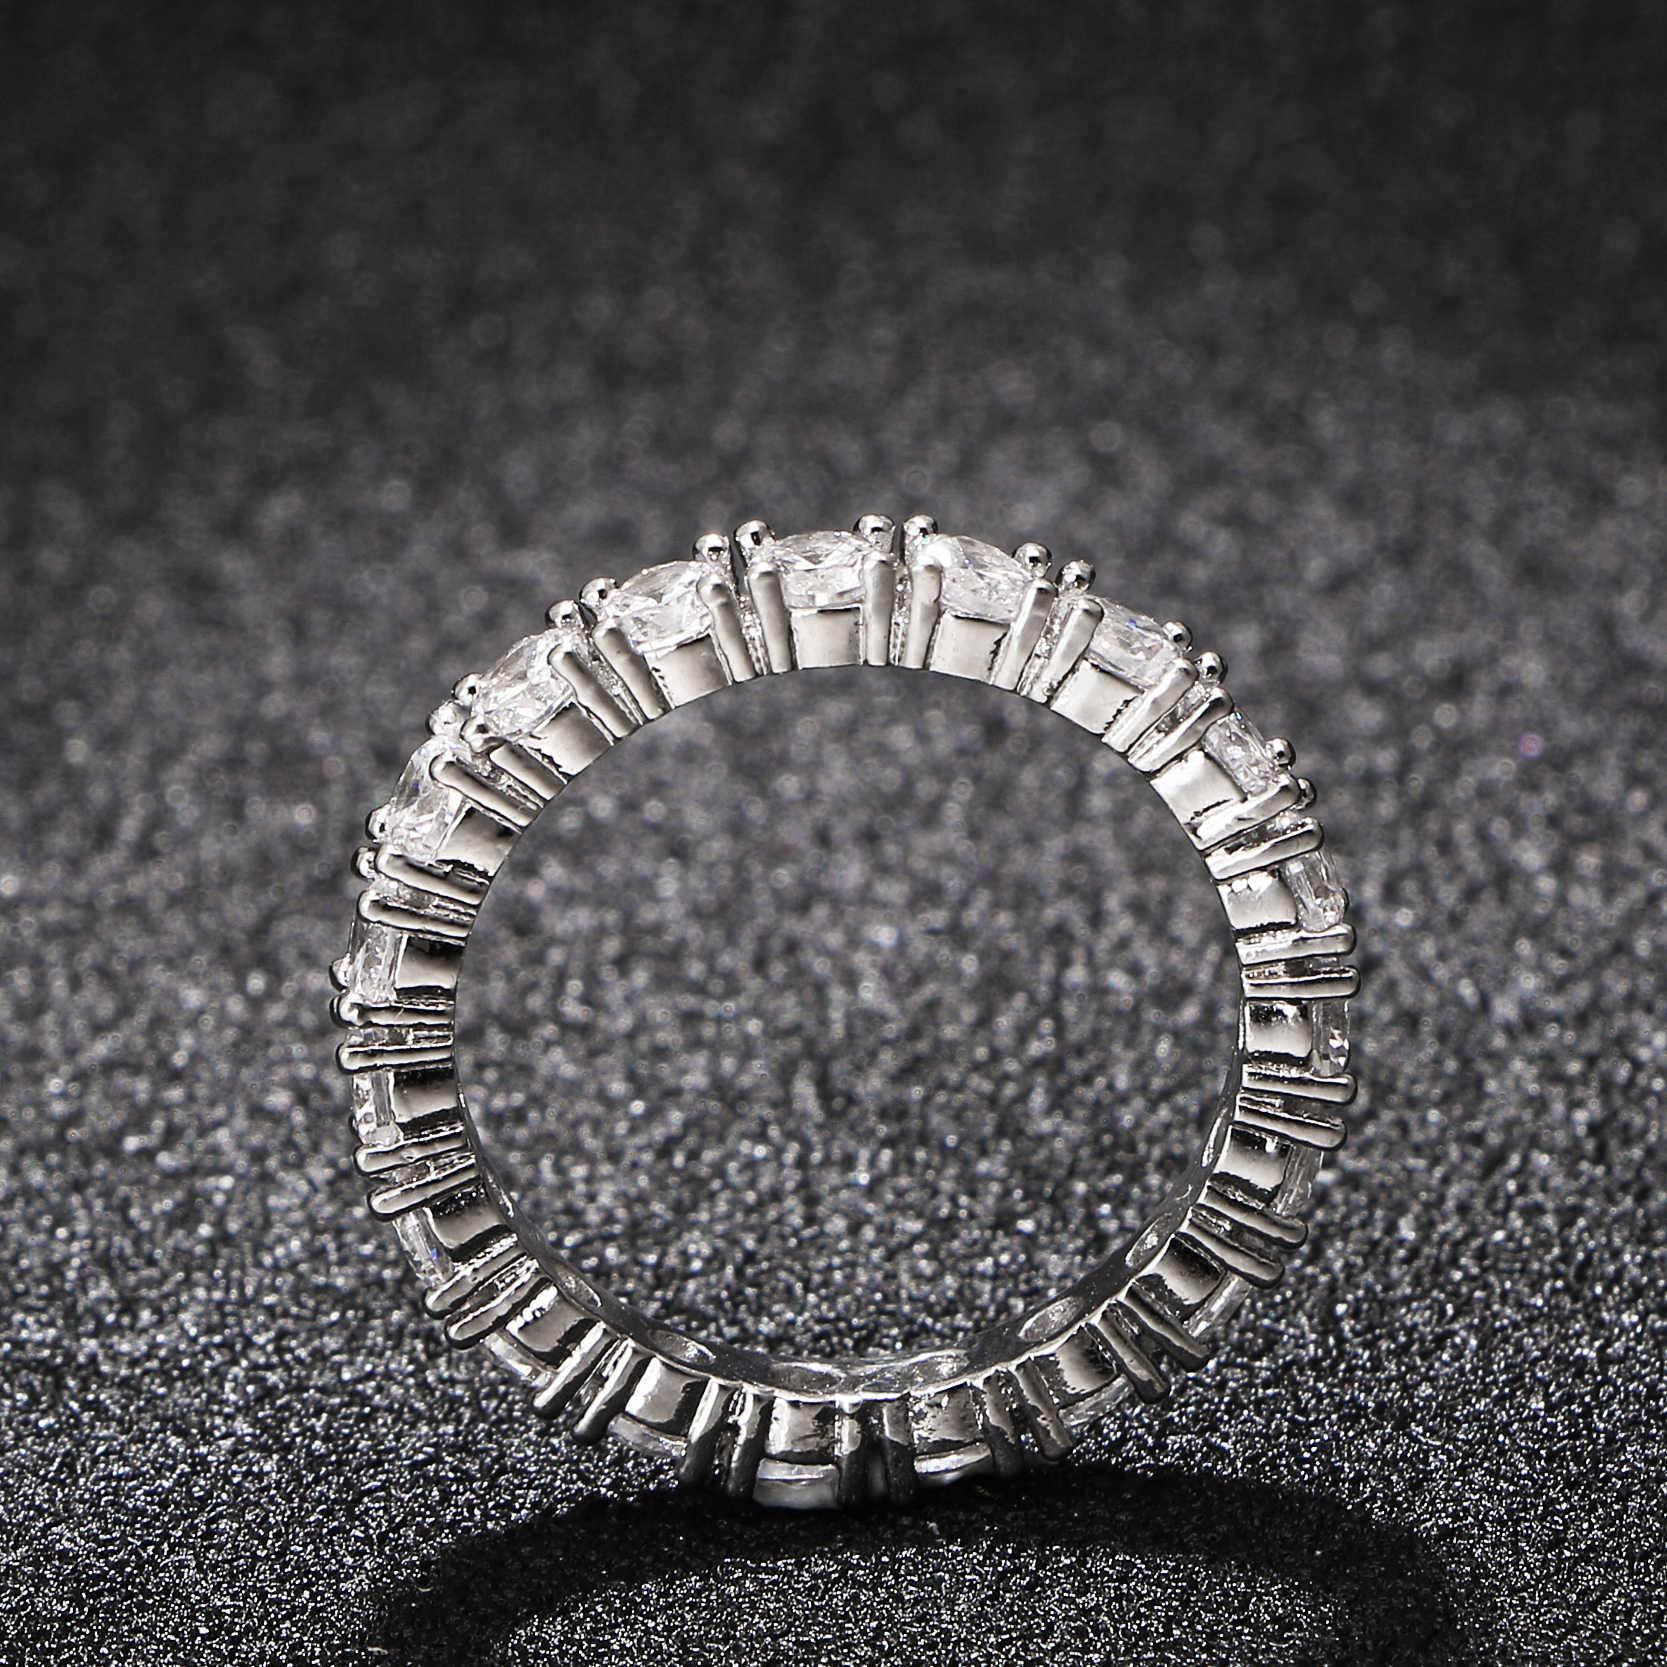 2017 gioielli di marca di lusso intarsio di colore bianco zirconi cubici anello a forma unica per le donne dimensioni di fidanzamento di nozze